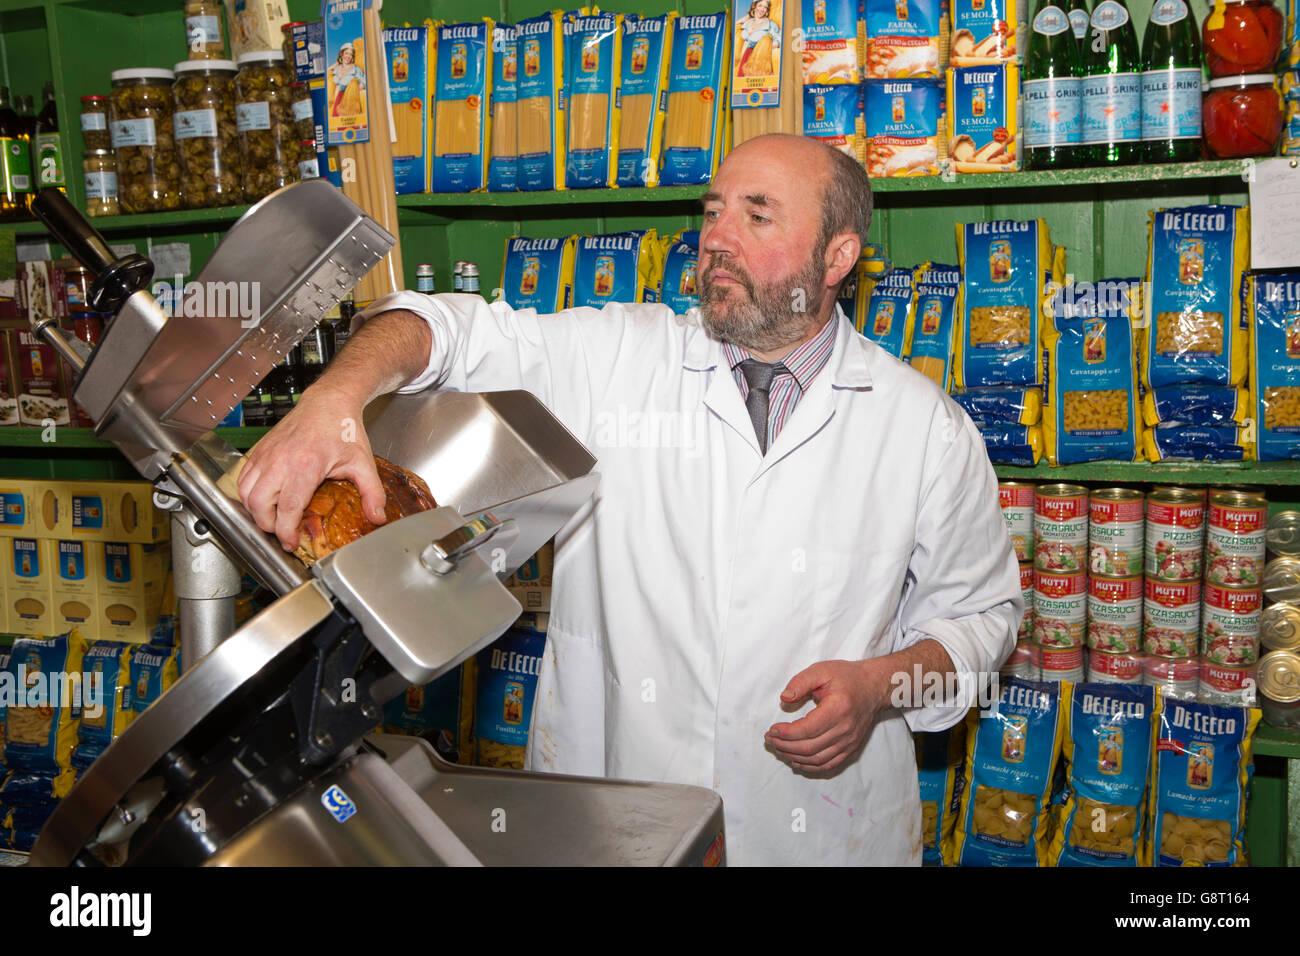 Ireland, Co Sligo, Sligo, Market Square, Michael Cosgrove slicing ham in M Cosgrove and son grocery shop - Stock Image